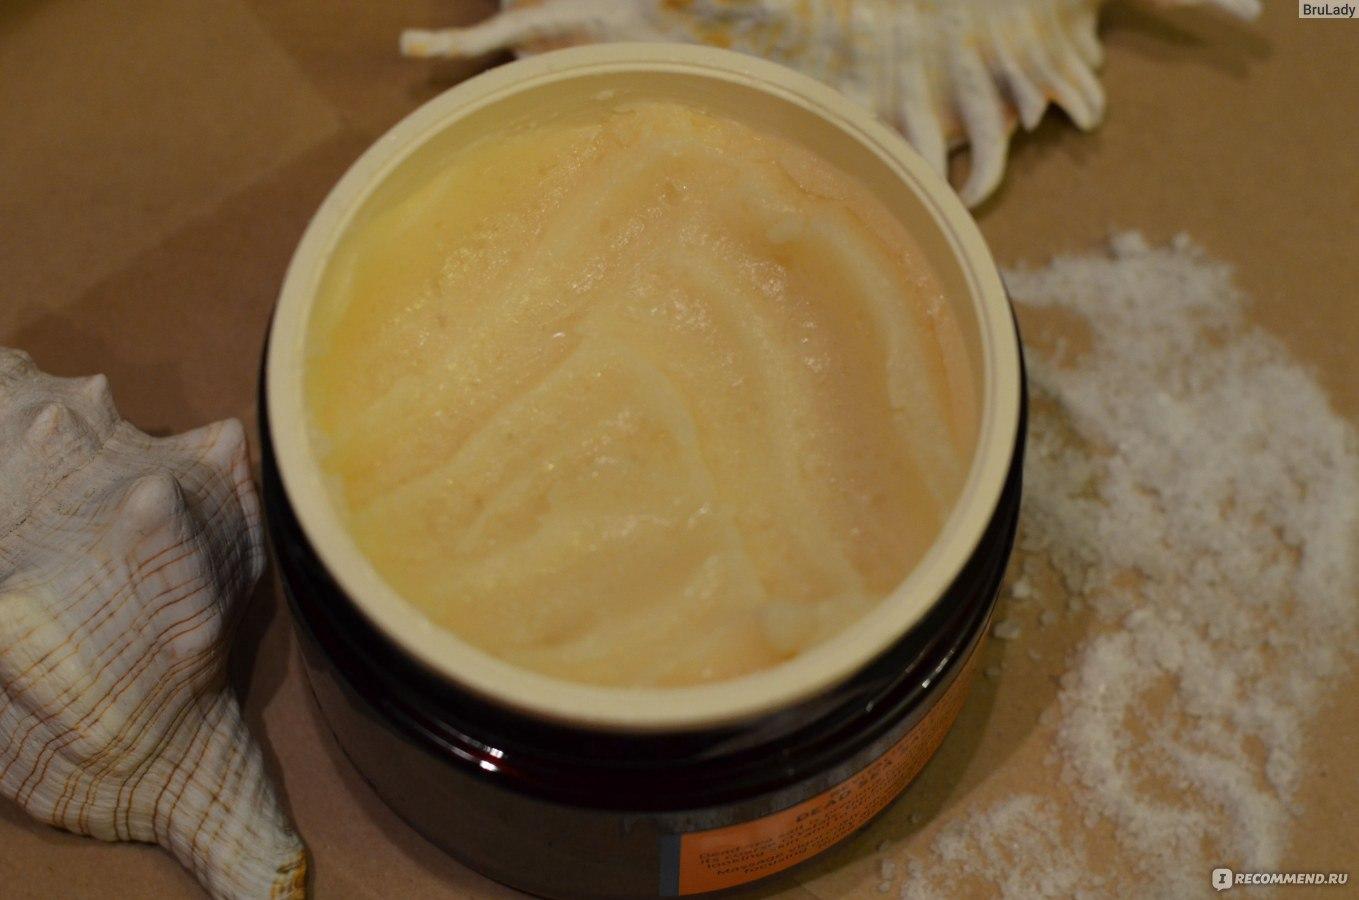 Масло ши для волос лица и тела 34